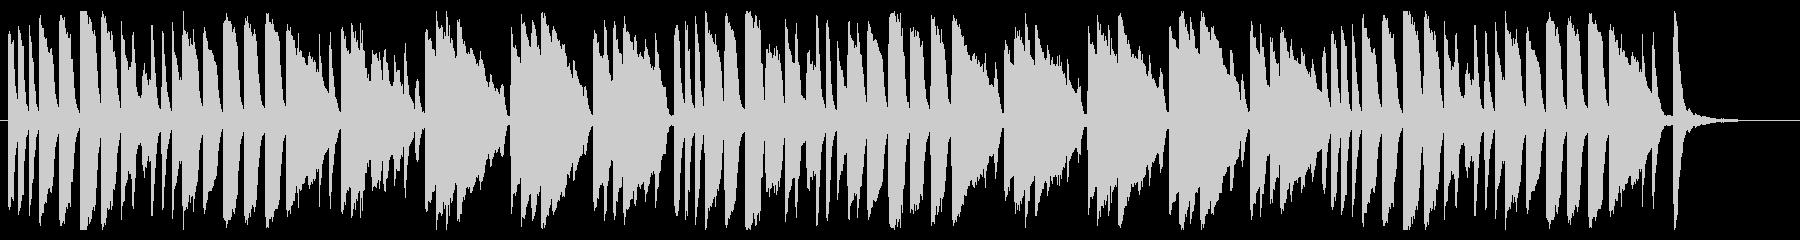 森のくまさん ピアノver.の未再生の波形